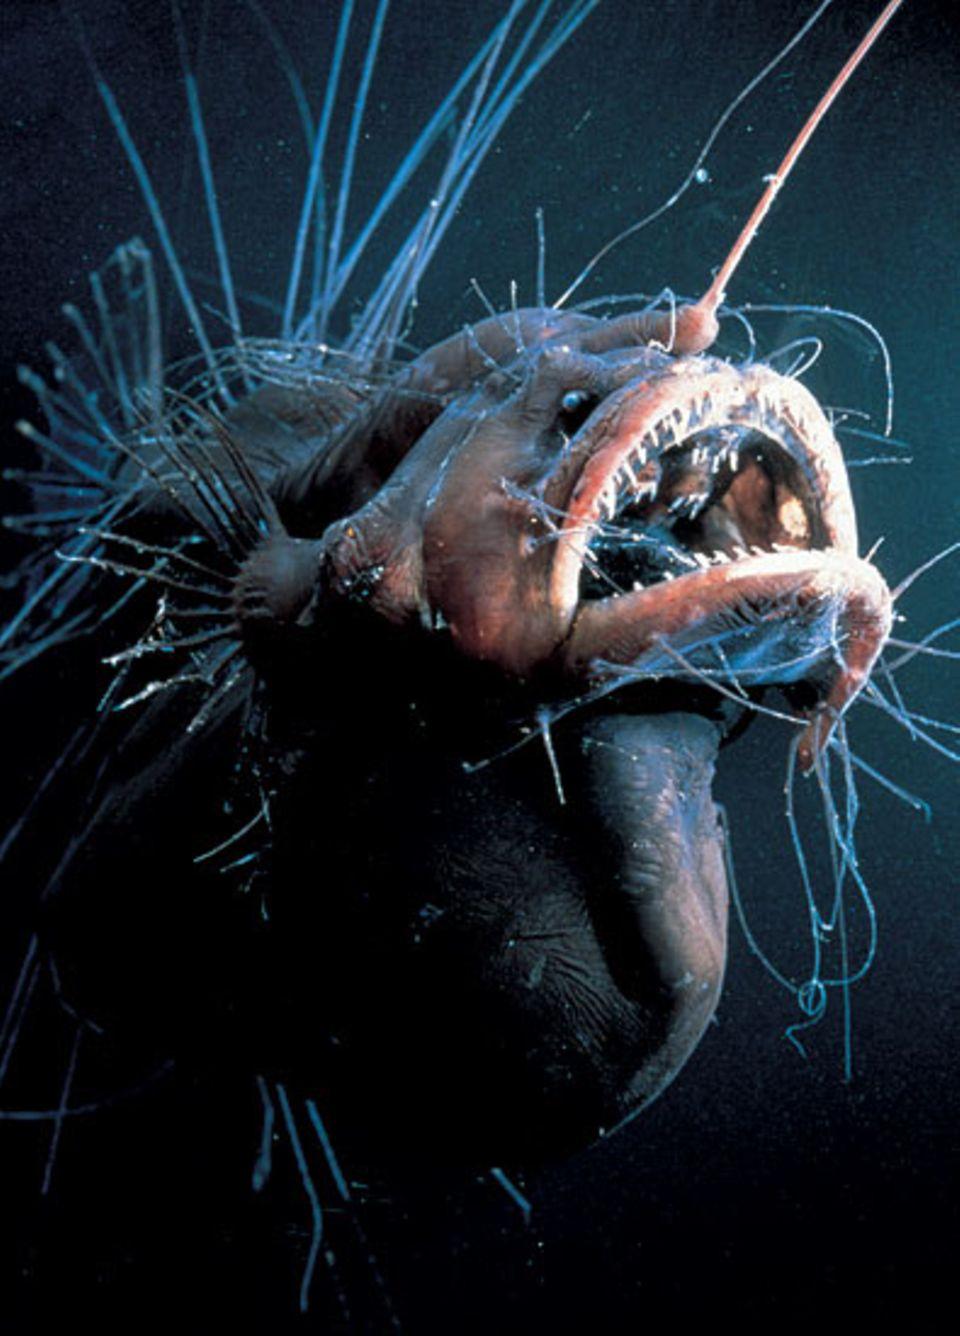 Tiefsee: Mit haarfeinen Antennen tastet dieser Anglerfisch in der Dunkelheit nach Druckwellen vorbeihuschender Tiere